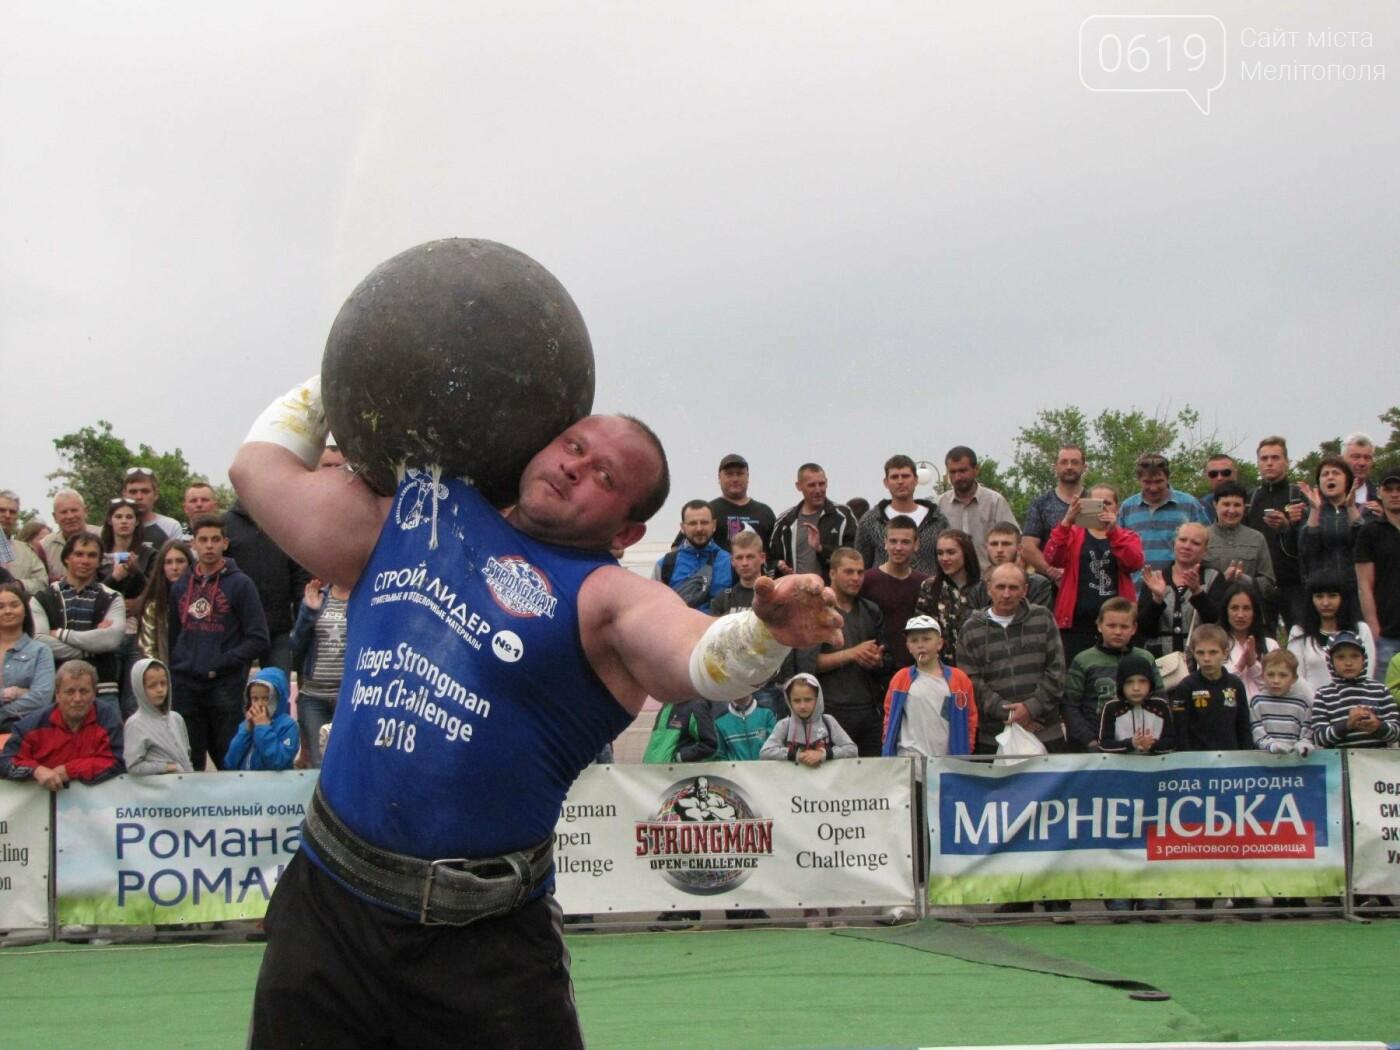 Три победы за неделю: мелитопольский богатырь выиграл второй этап международного чемпионата, фото-16